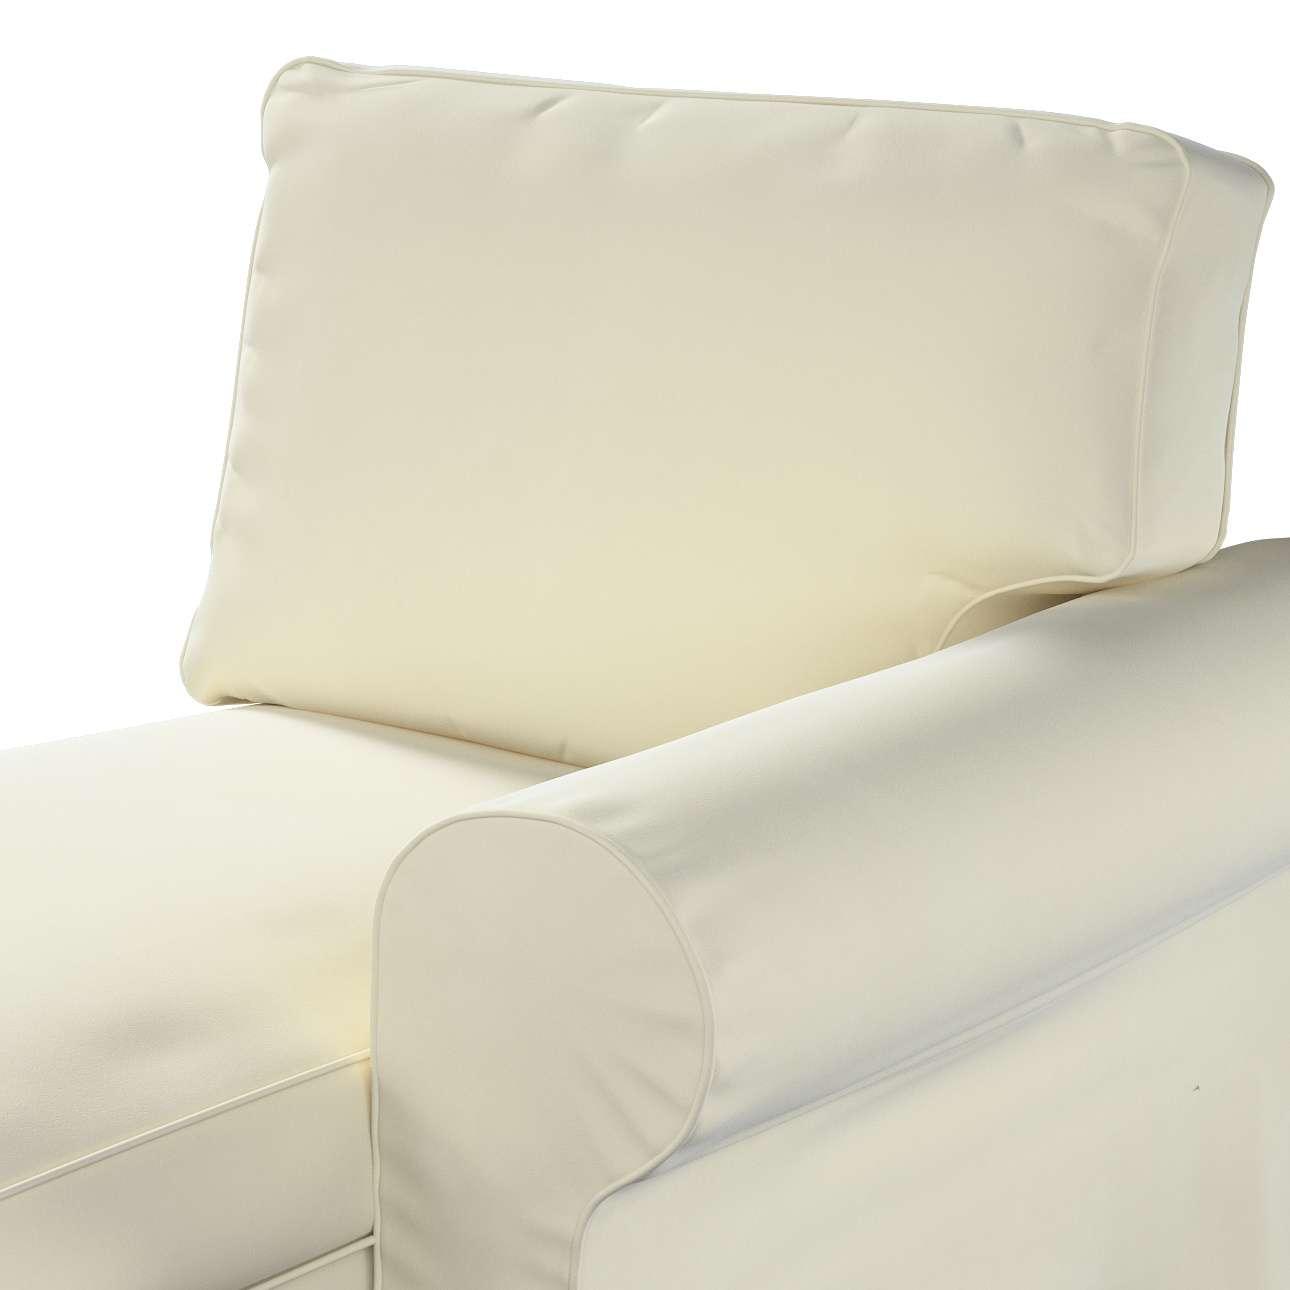 Pokrowiec na szezlong Ektorp prawy w kolekcji Velvet, tkanina: 704-10